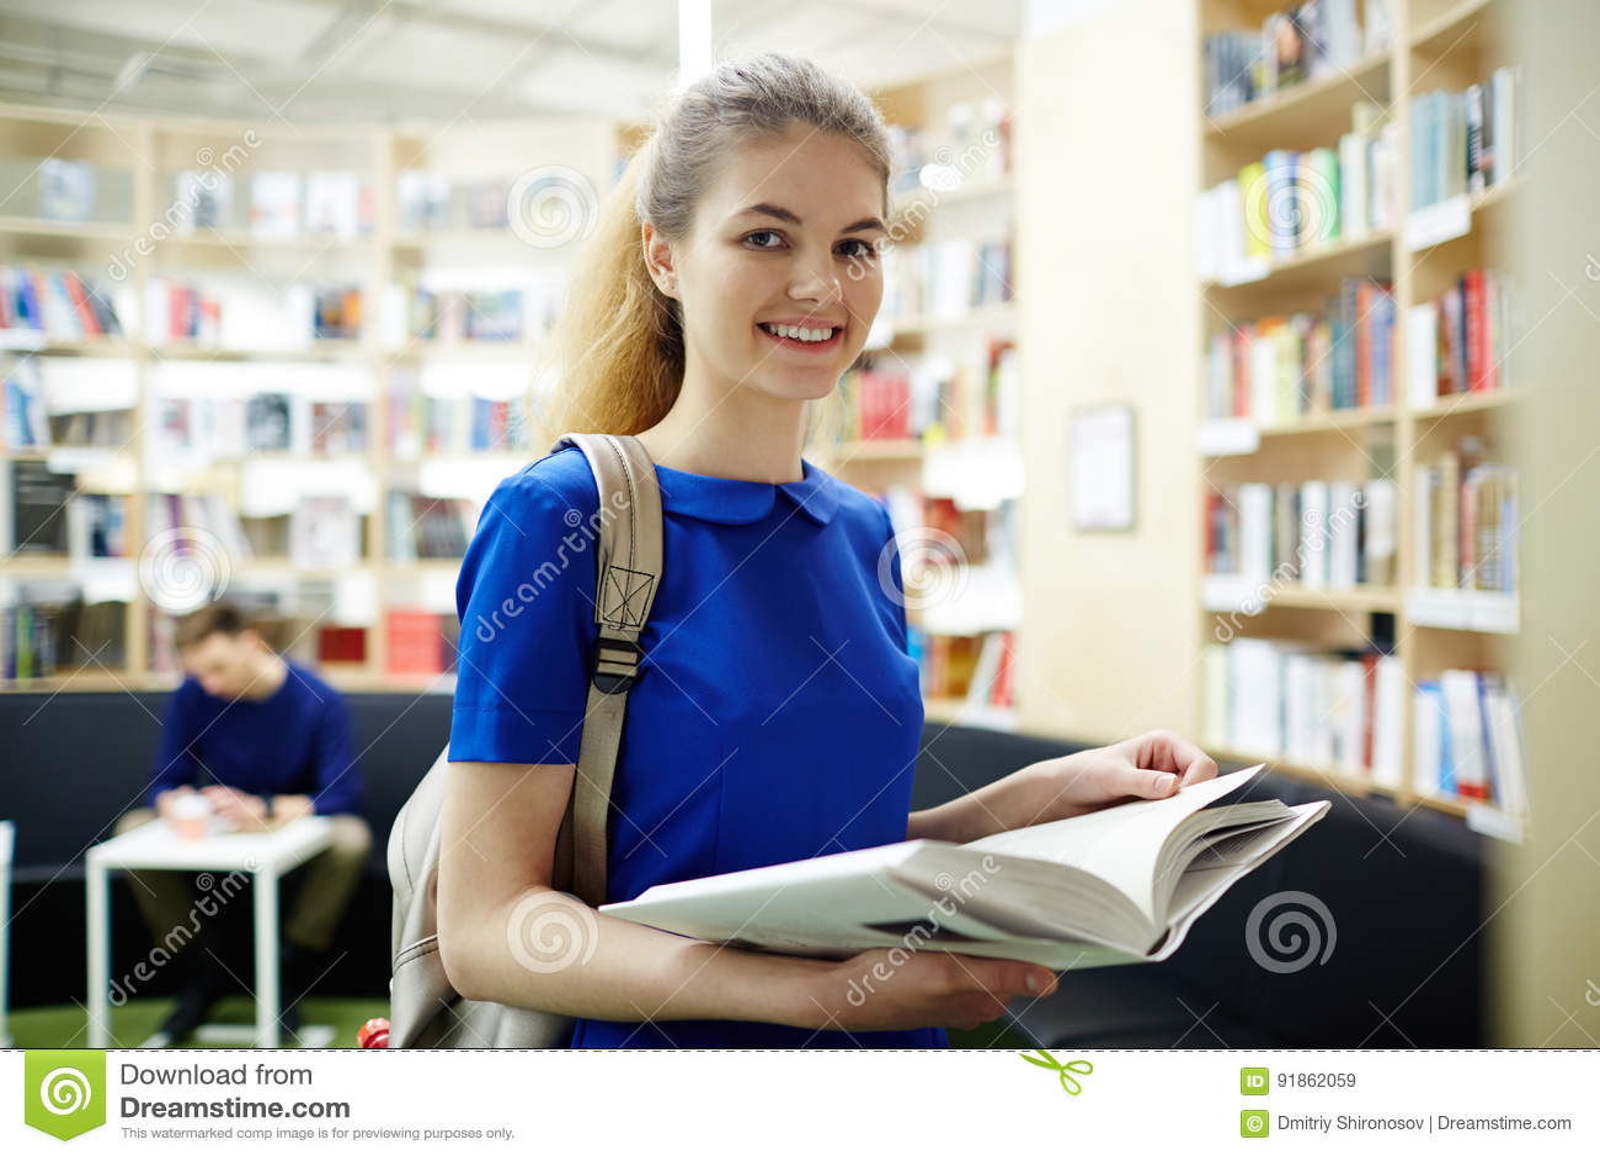 Leser in der Bibliothek